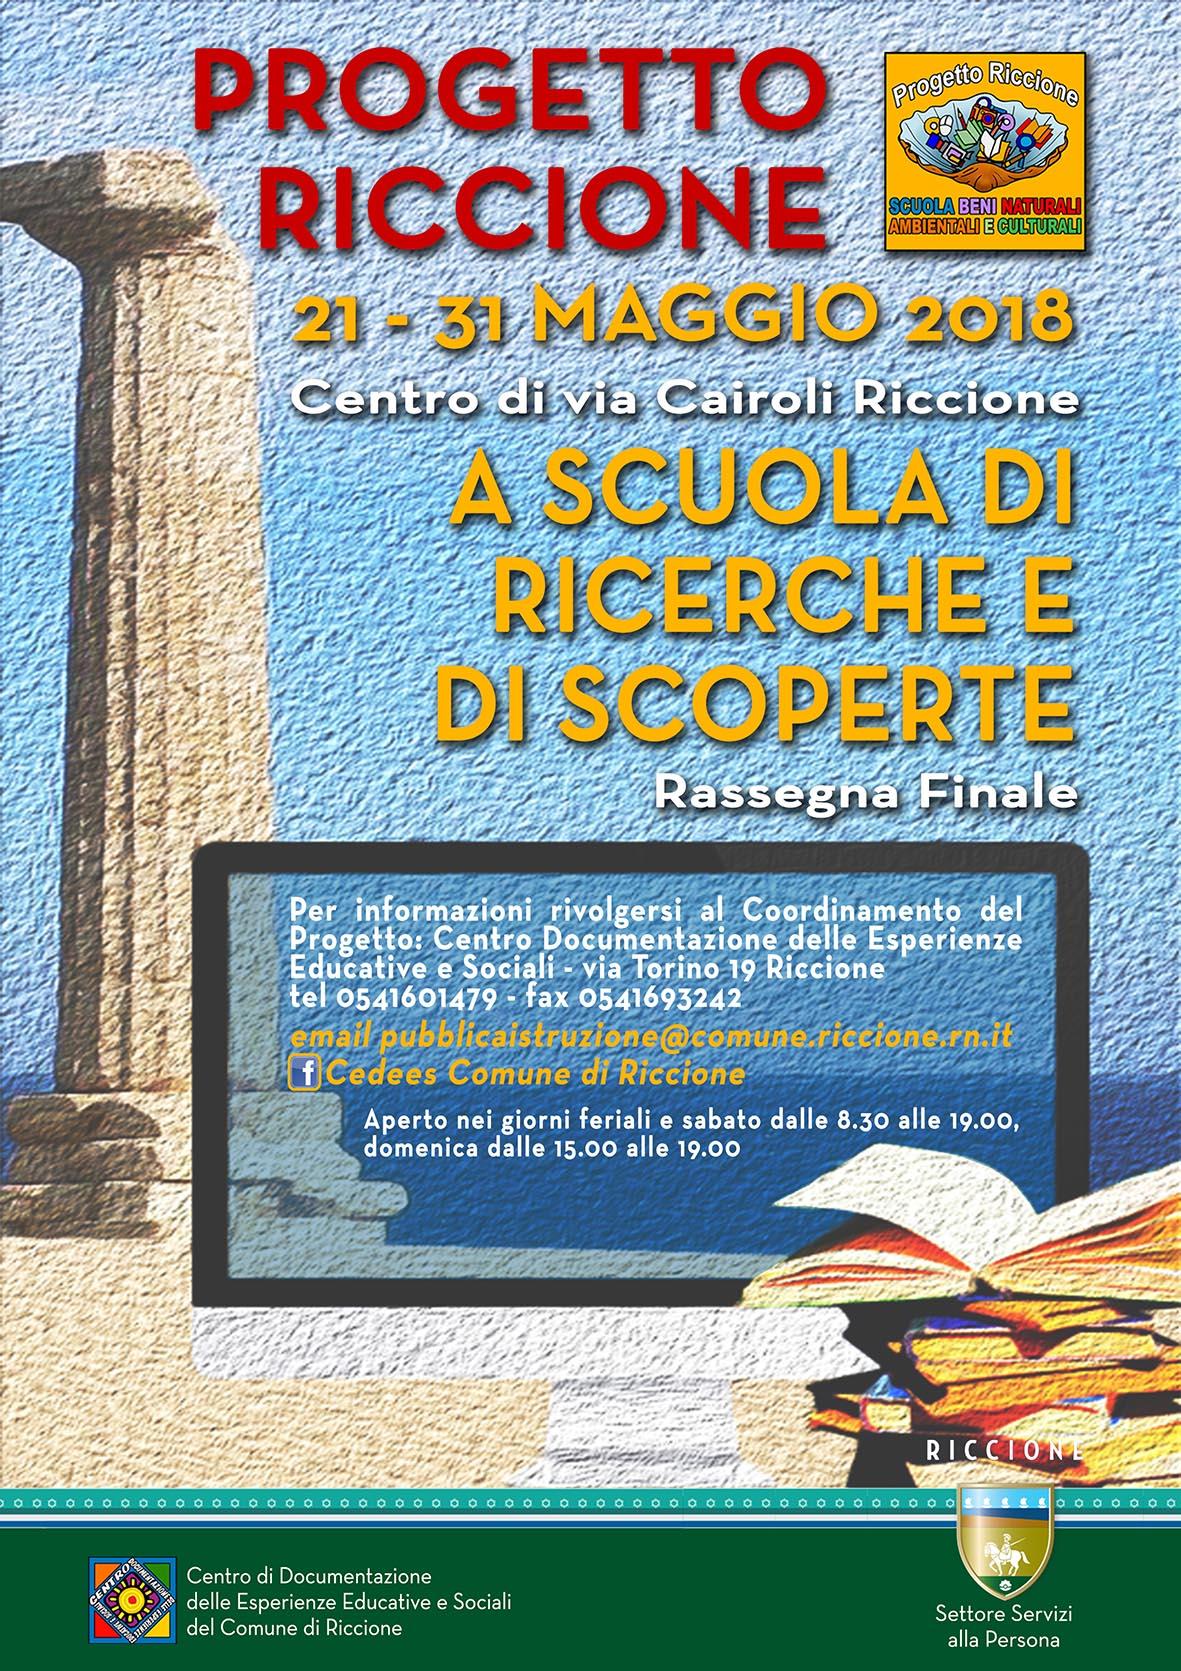 Rassegna Finale Progetto Riccione